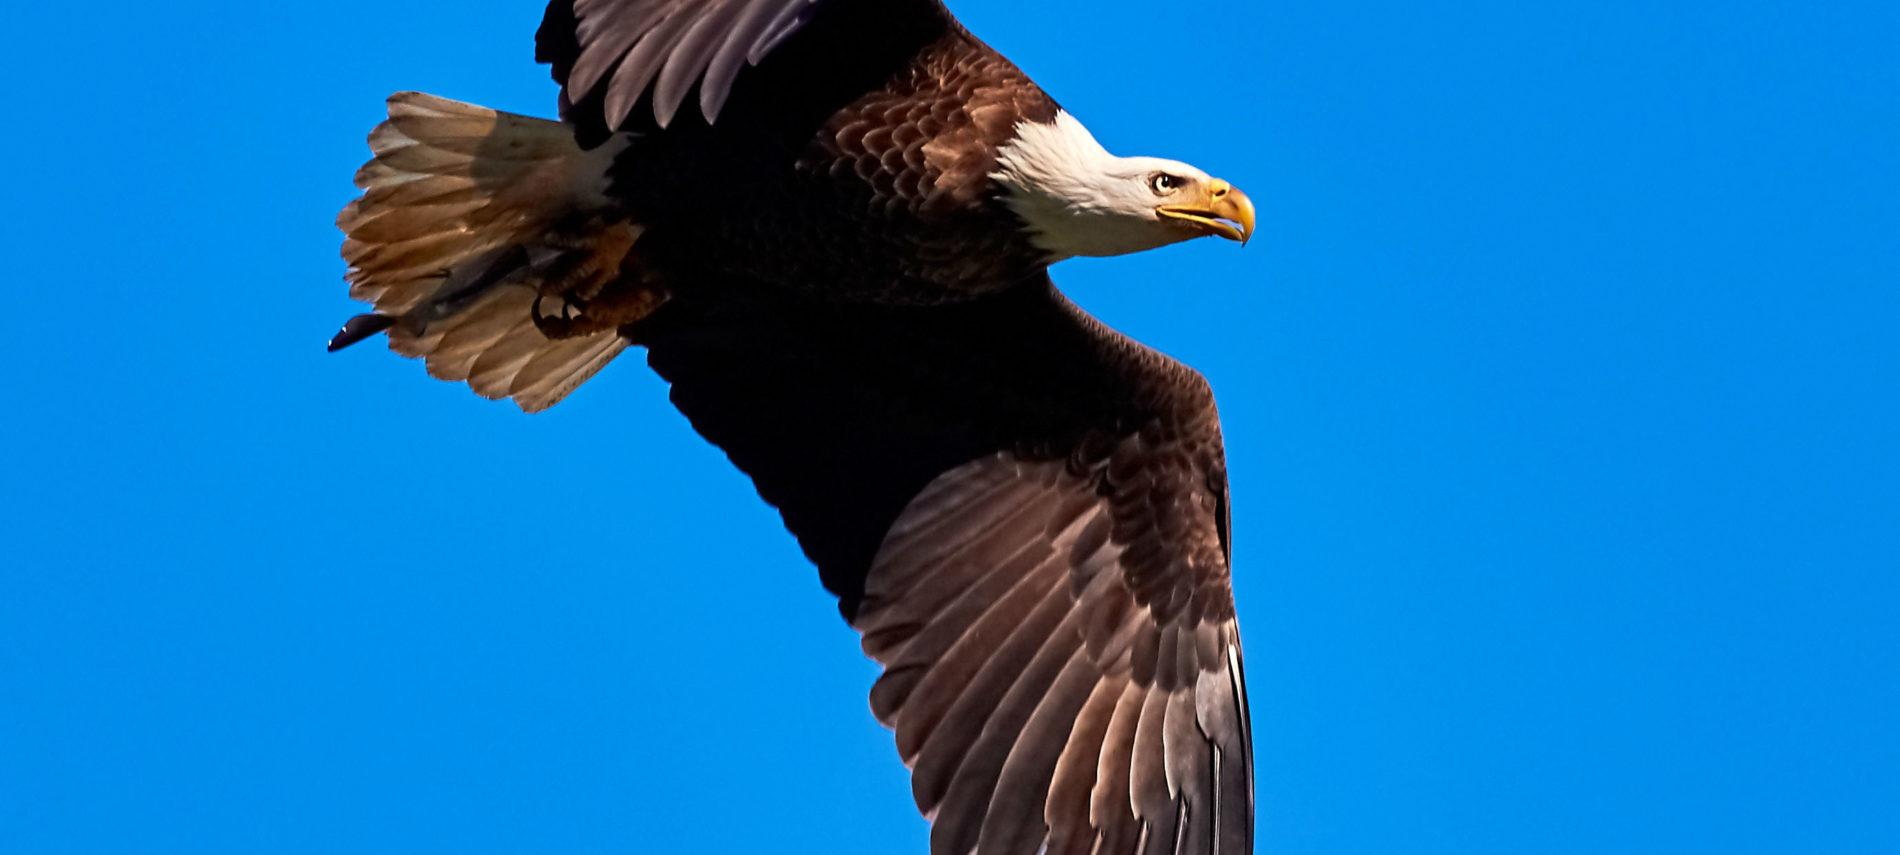 Bald eagle flying in brilliant blue sky.